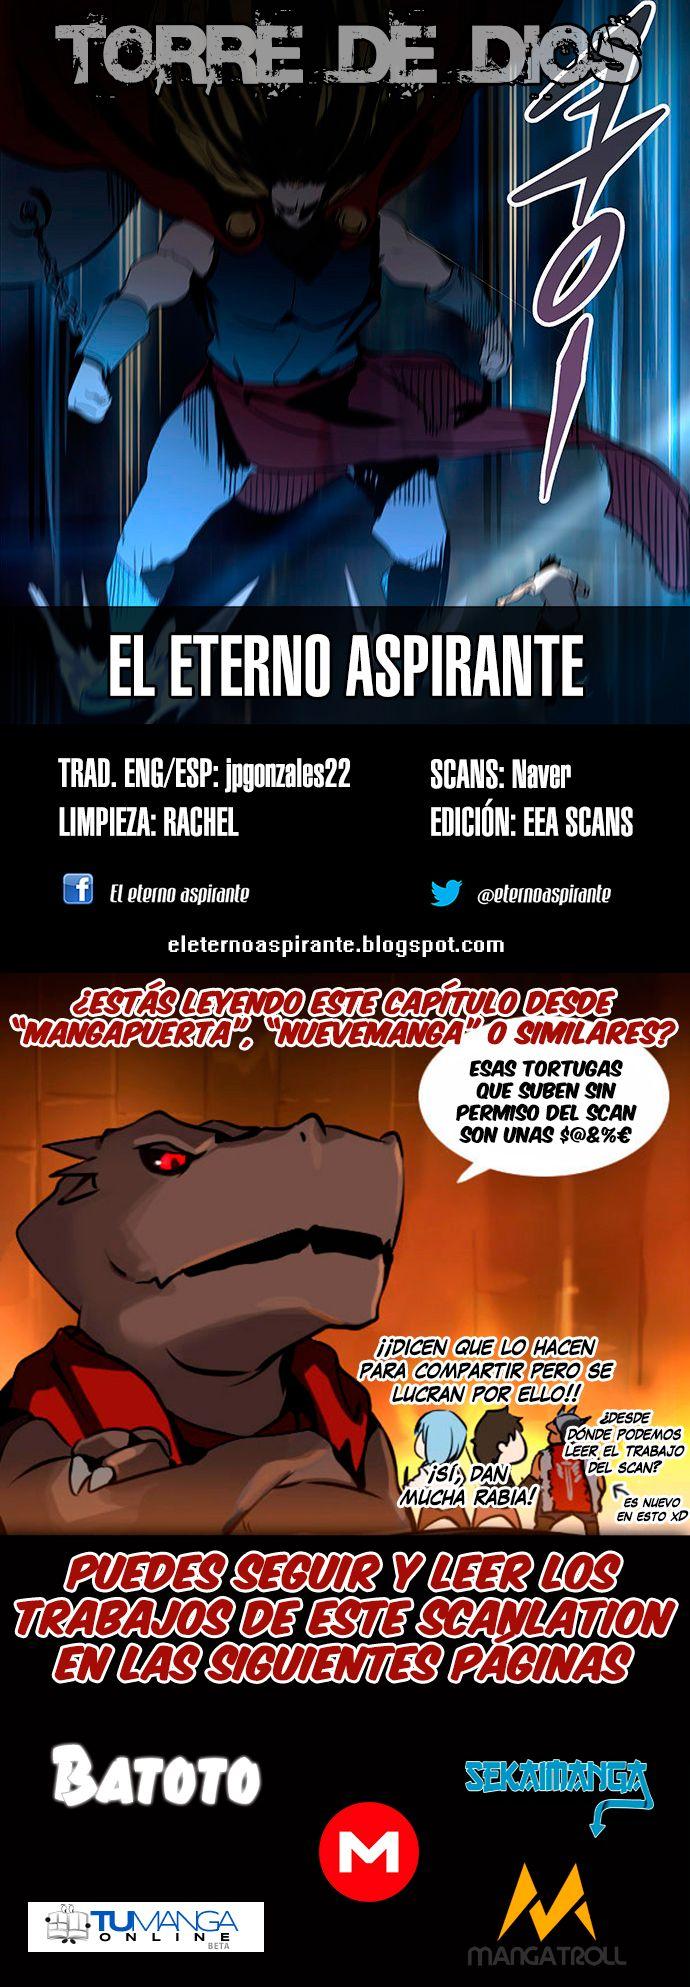 https://c5.ninemanga.com/es_manga/21/149/467427/ec6ef49b2cc158c65ca8109a030779eb.jpg Page 1